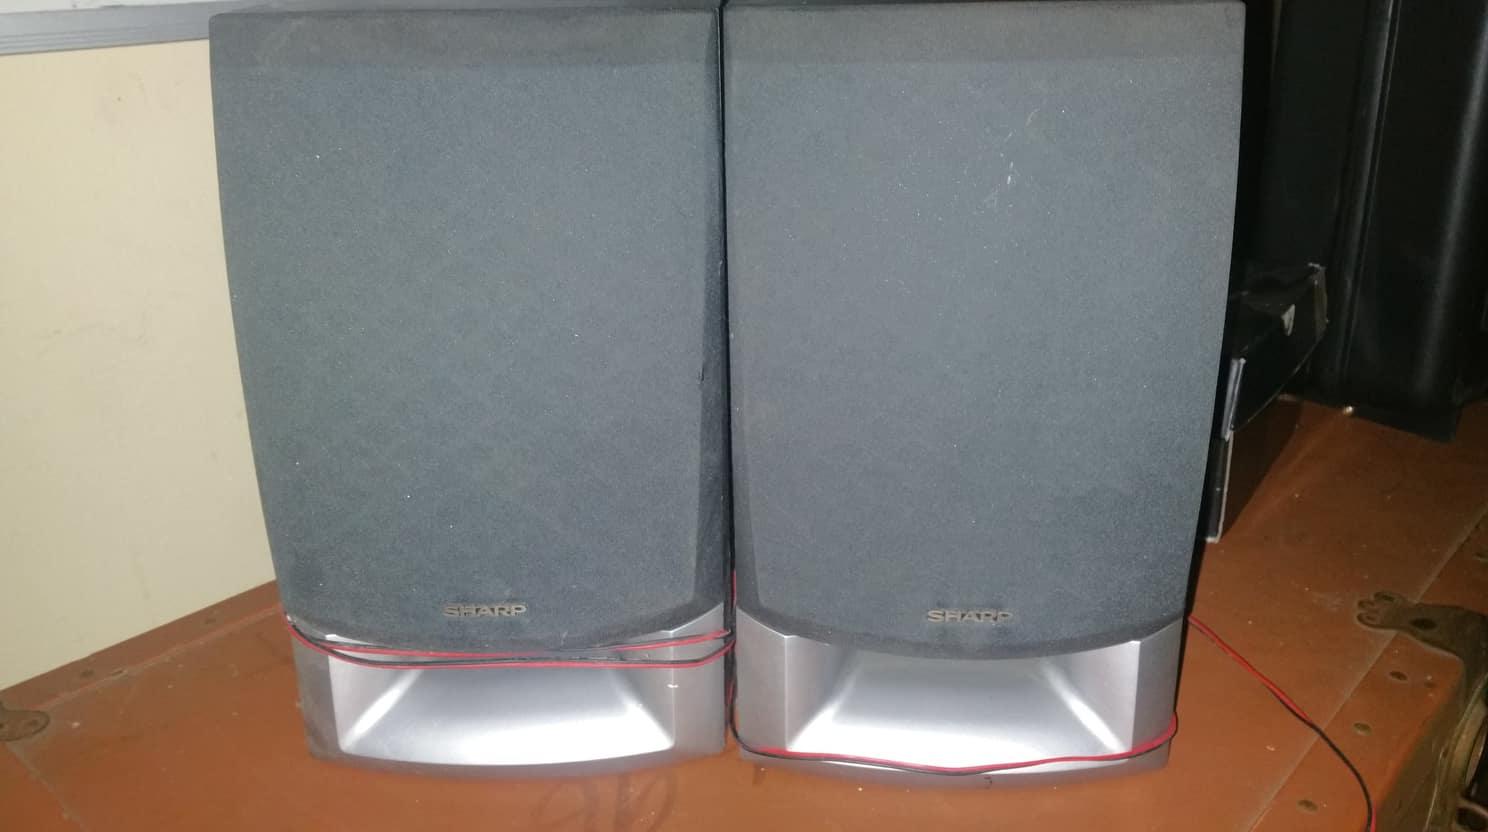 Sharp Speakers - Bookshelf type